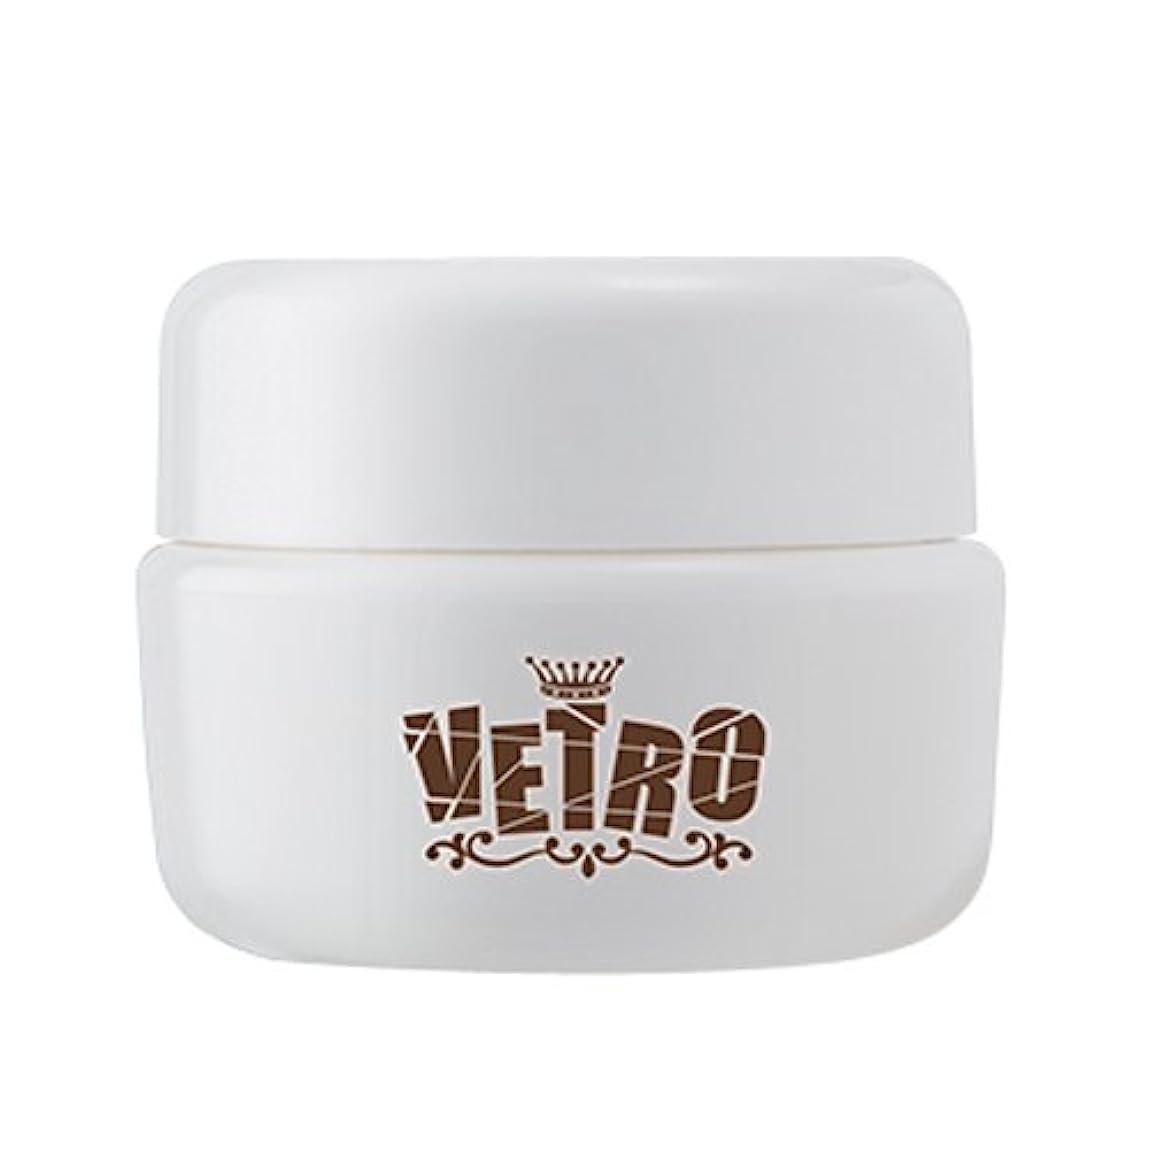 ヘロイン更新する相続人VETRO ベトロ NO.19 カラージェル 4ml VL134マホガニー